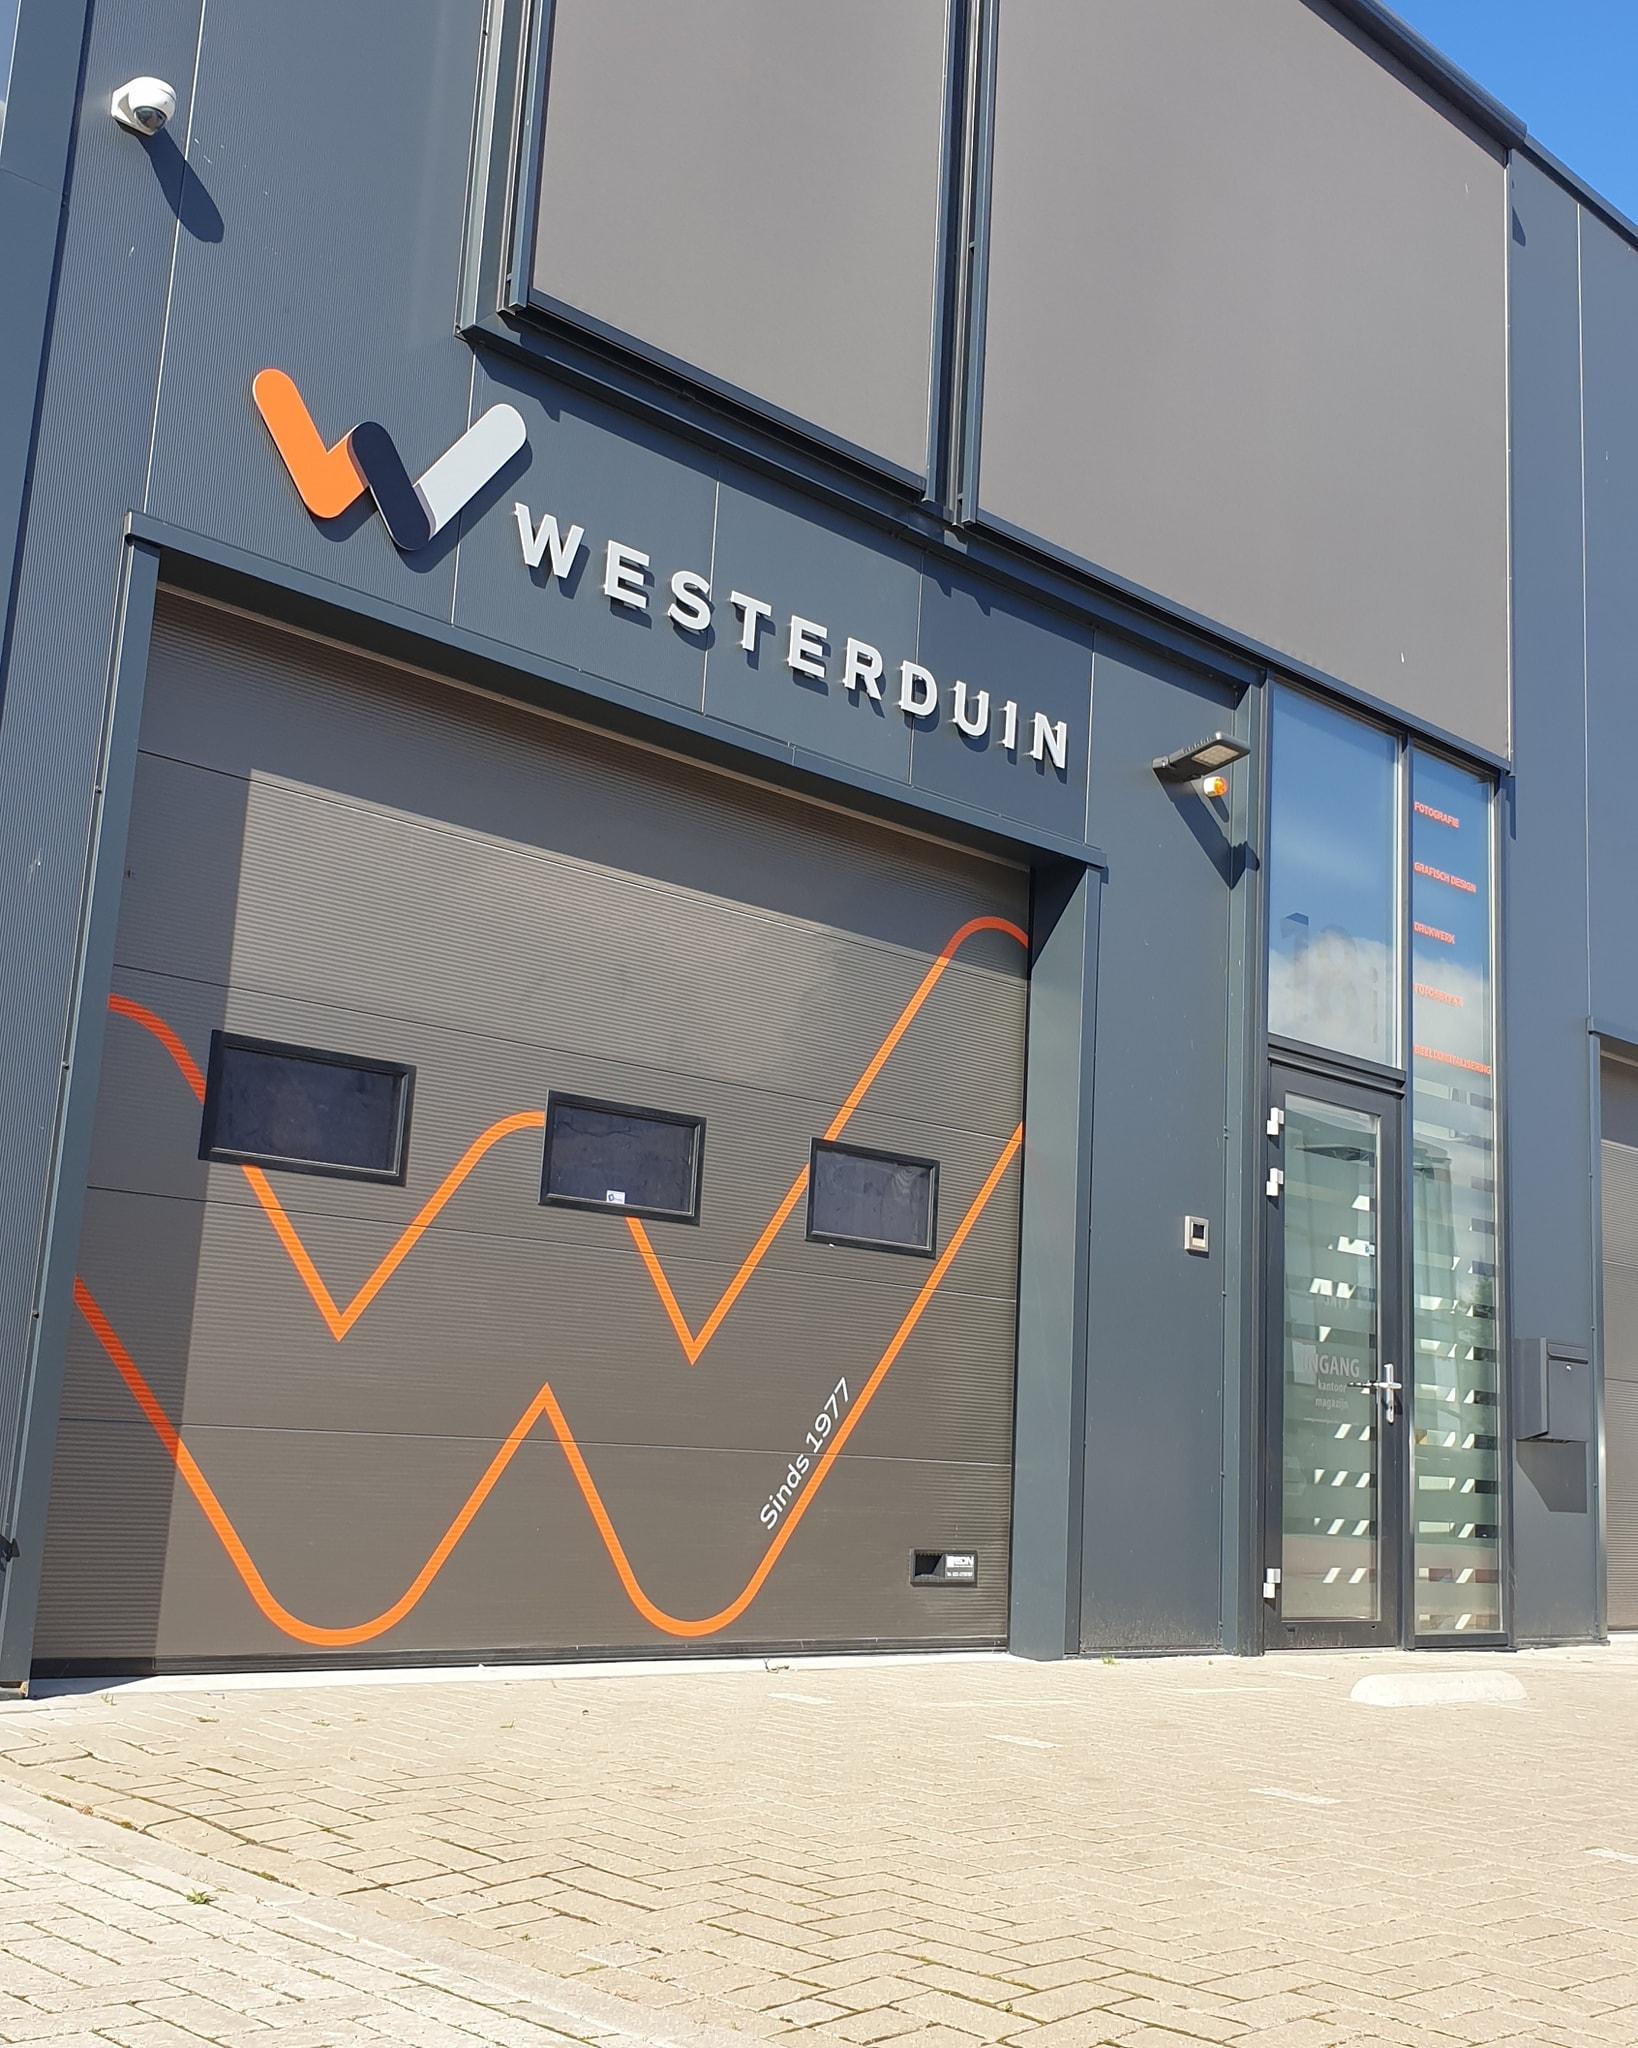 Westerduin winkel pand